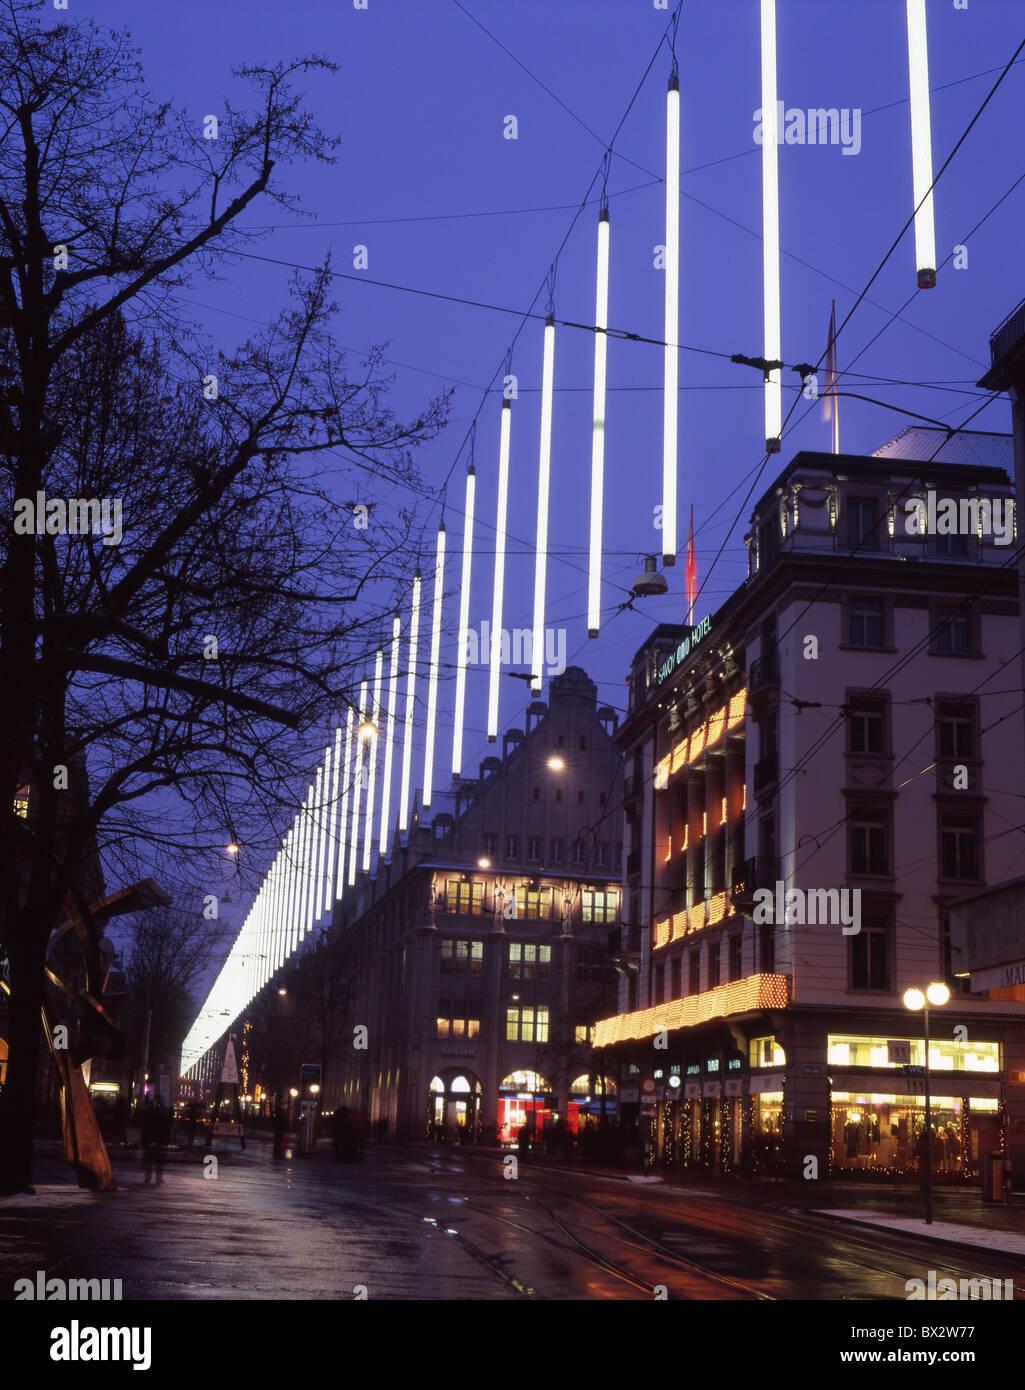 Zürich-Stadt bei Nacht Nacht Weihnachten Winter Weihnachtsbeleuchtung Bahnhofstrasse Beleuchtung Person Pedestri Stockbild